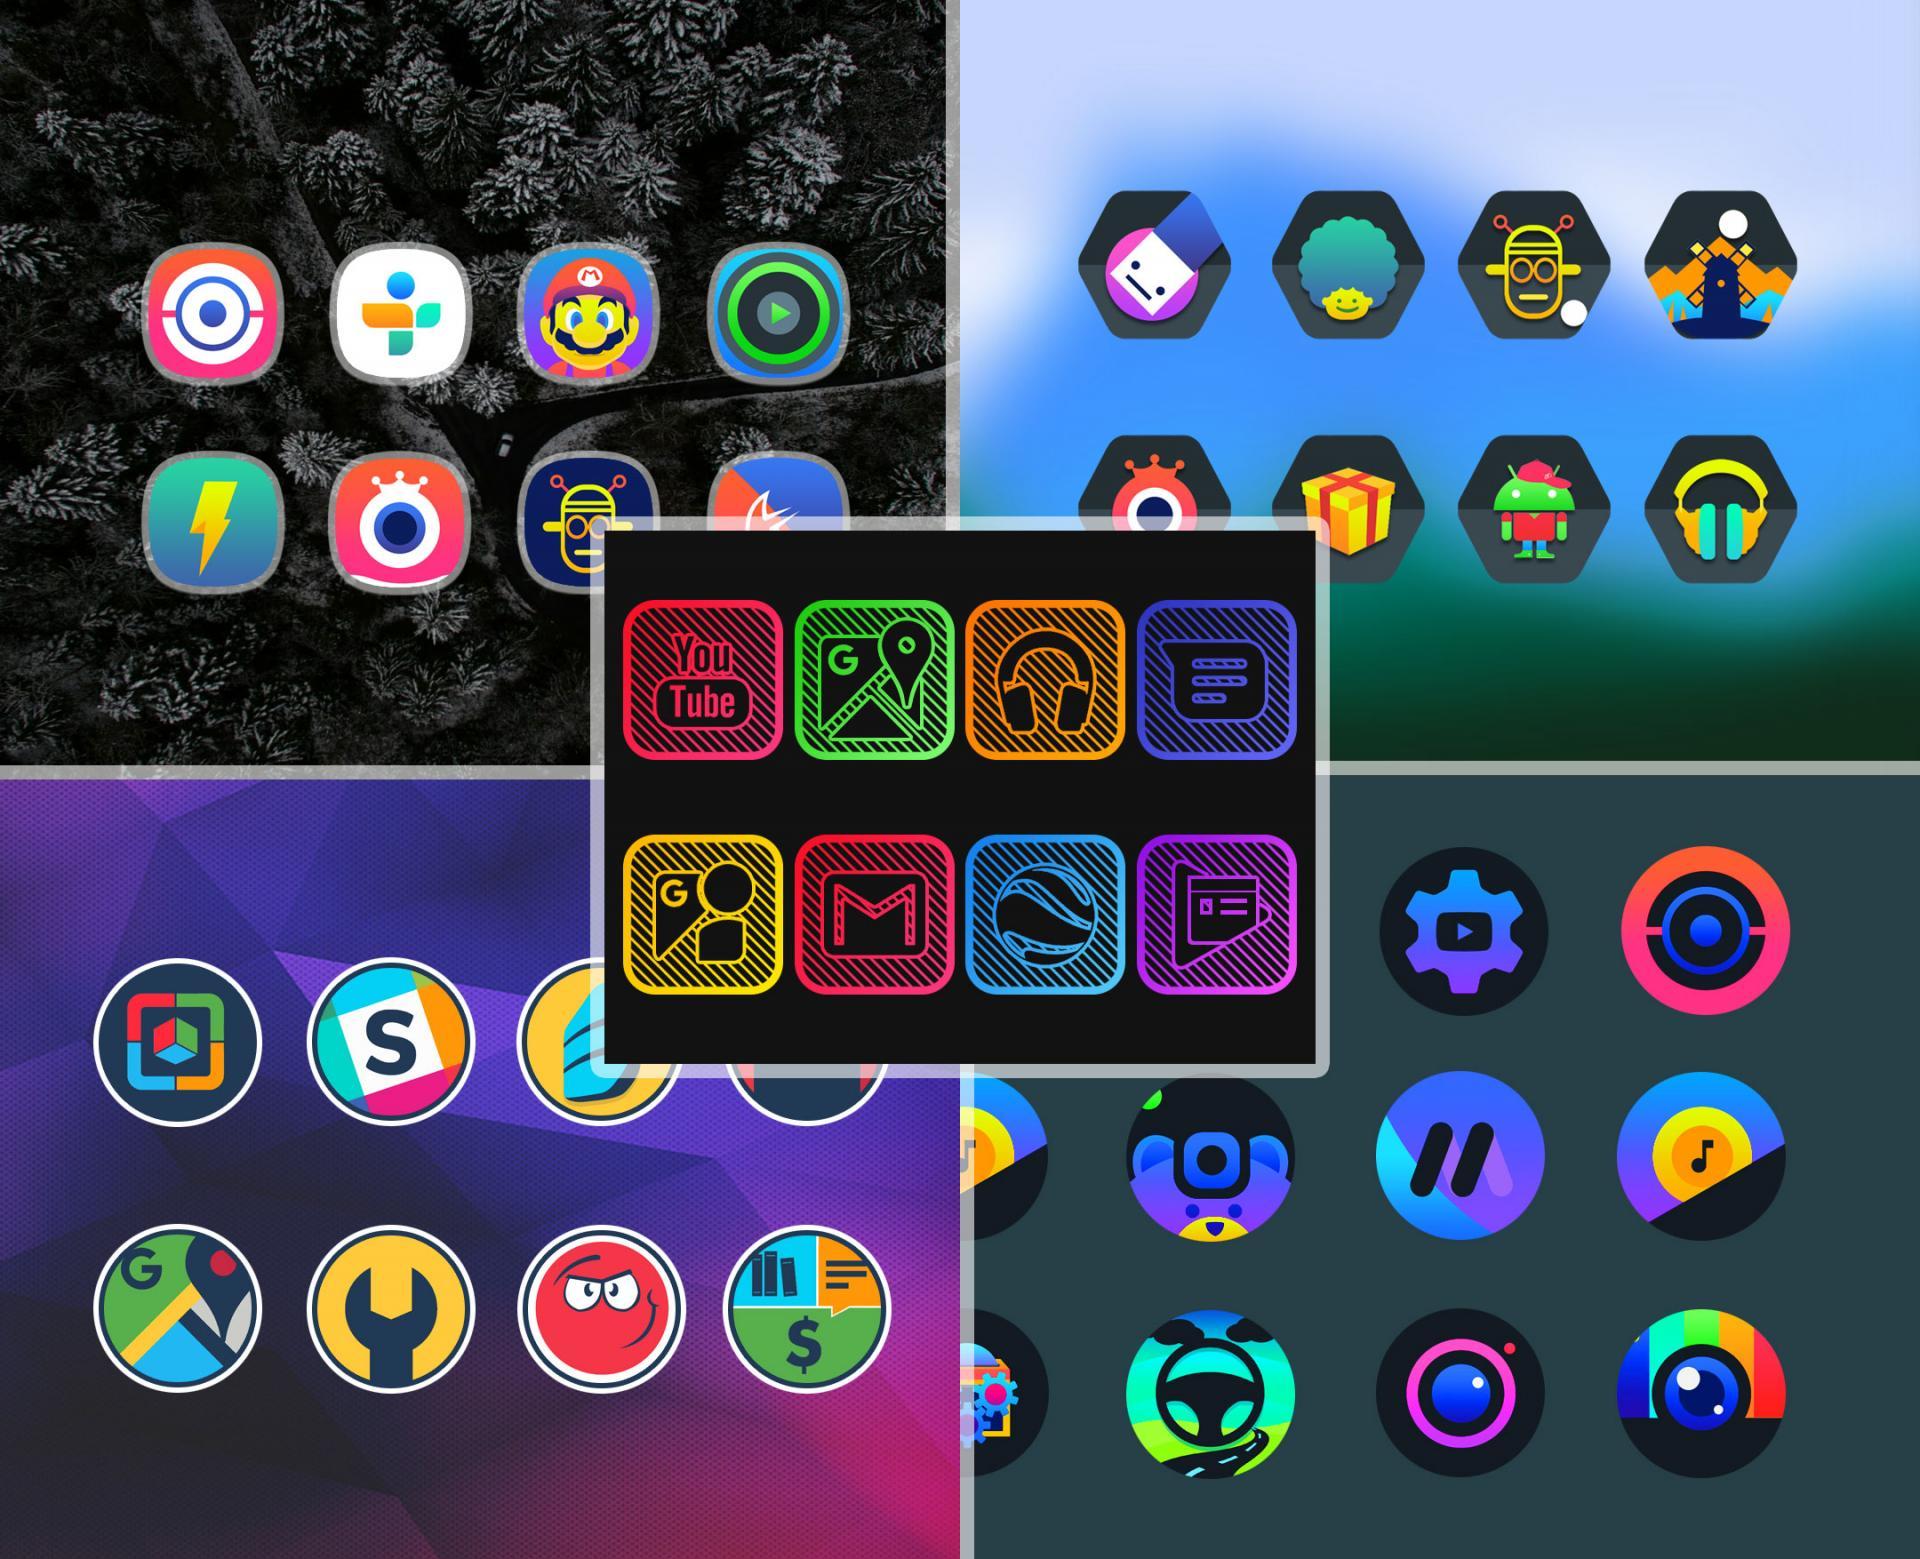 Бесплатно: 15 наборов профессиональных иконок для изменения внешнего вида Android